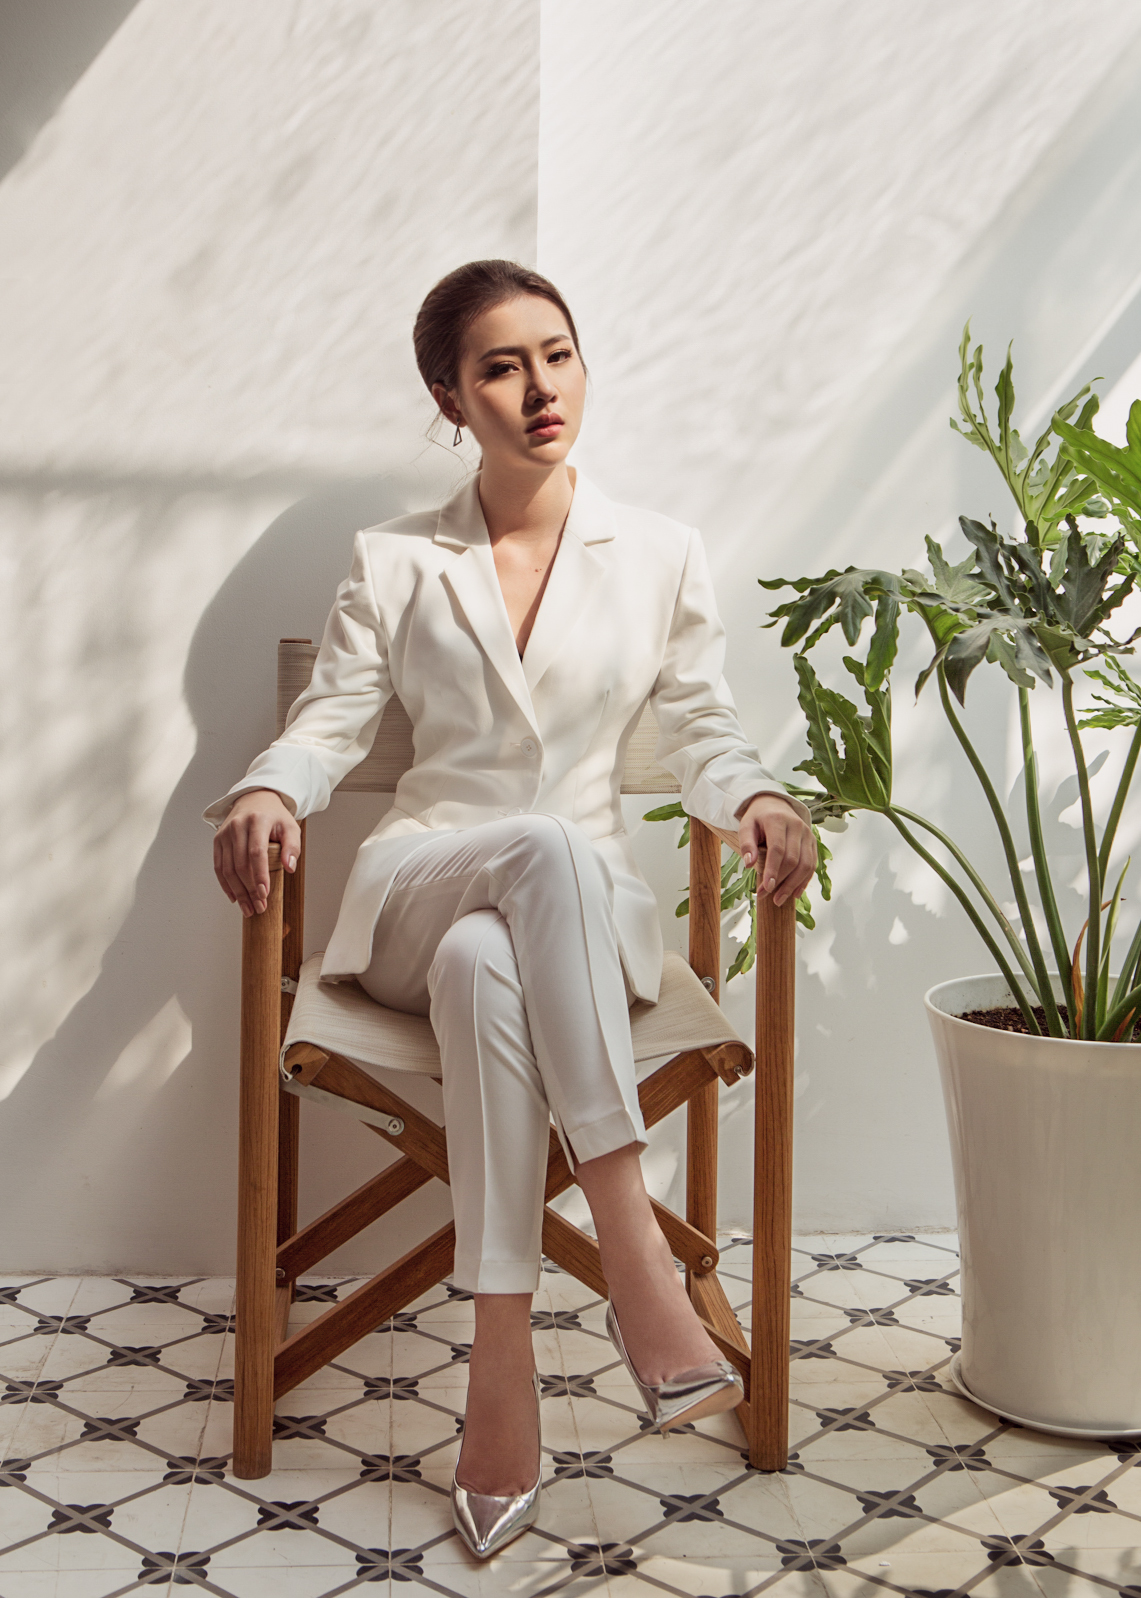 Hoa hậu Biển Kim Ngọc 'tái xuất' với hình ảnh quý cô thanh lịch đầy cuốn hút - Ảnh 1